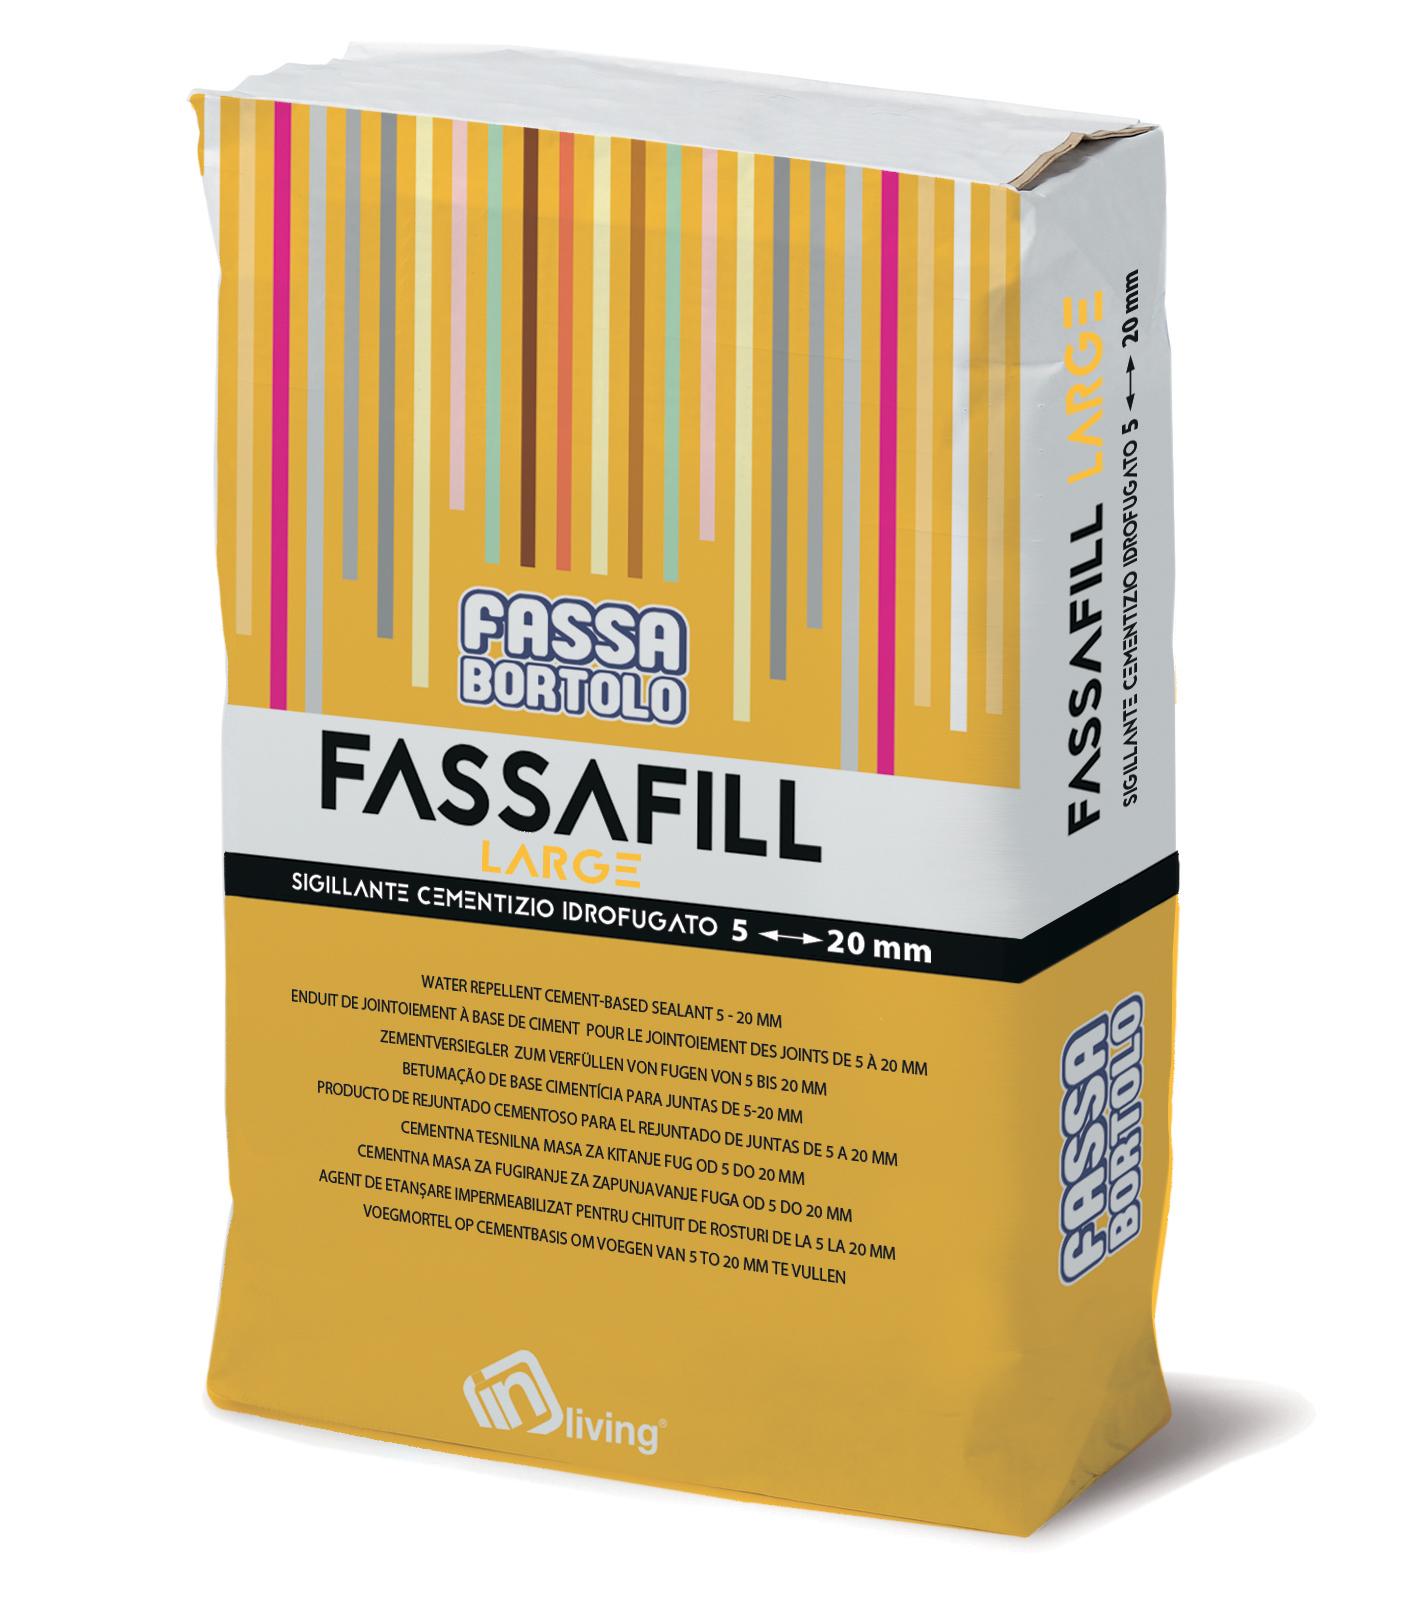 FASSAFILL LARGE: Sigillante cementizio idrofugato, con alte resistenze meccaniche ed elevata resistenza all'abrasione, resistente a muffe e alghe, per stuccare fughe da 5 a 20 mm